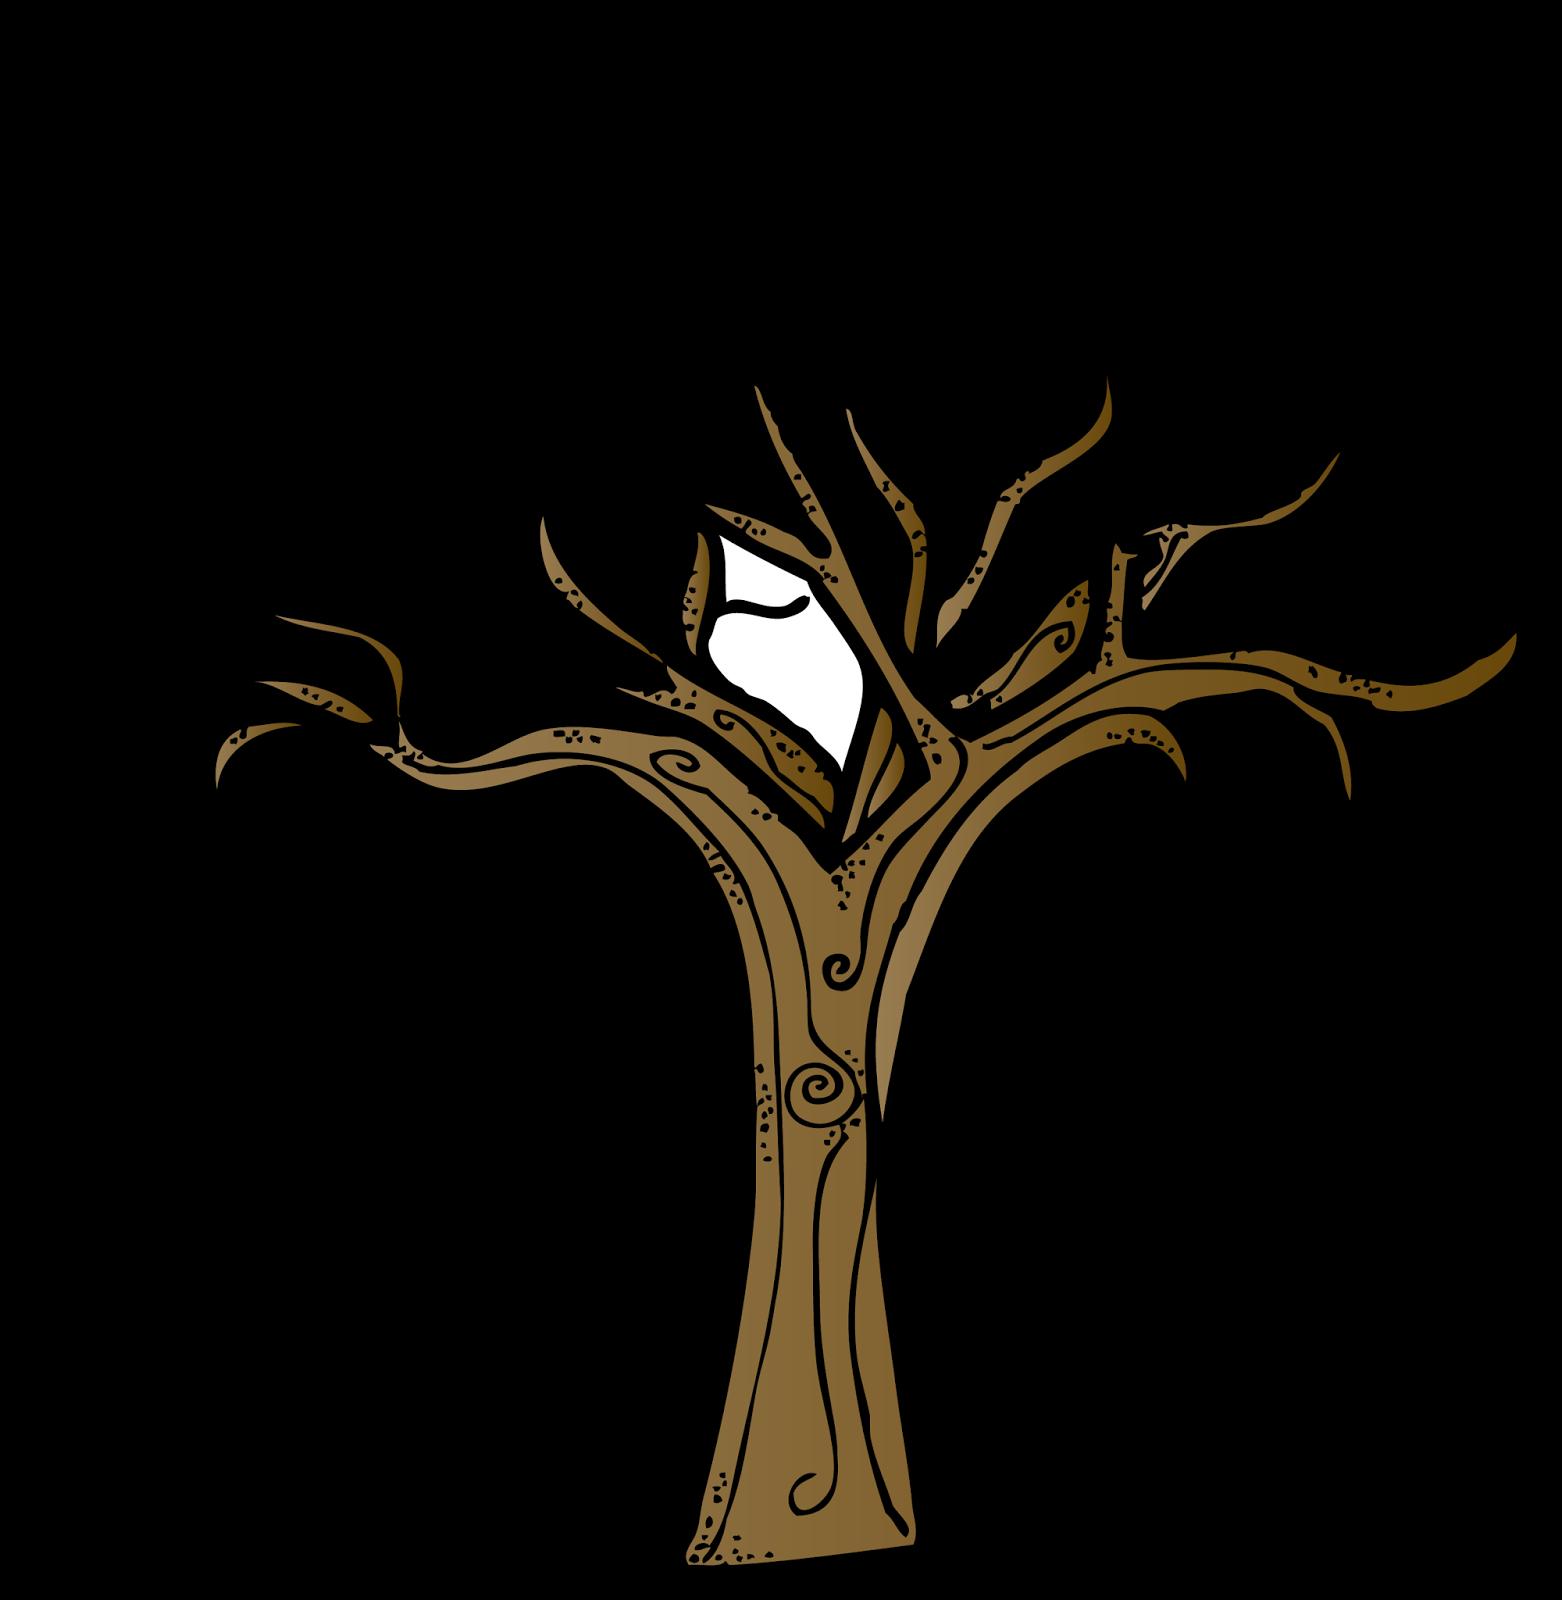 Tree clipart winter. Resultado de imagen para